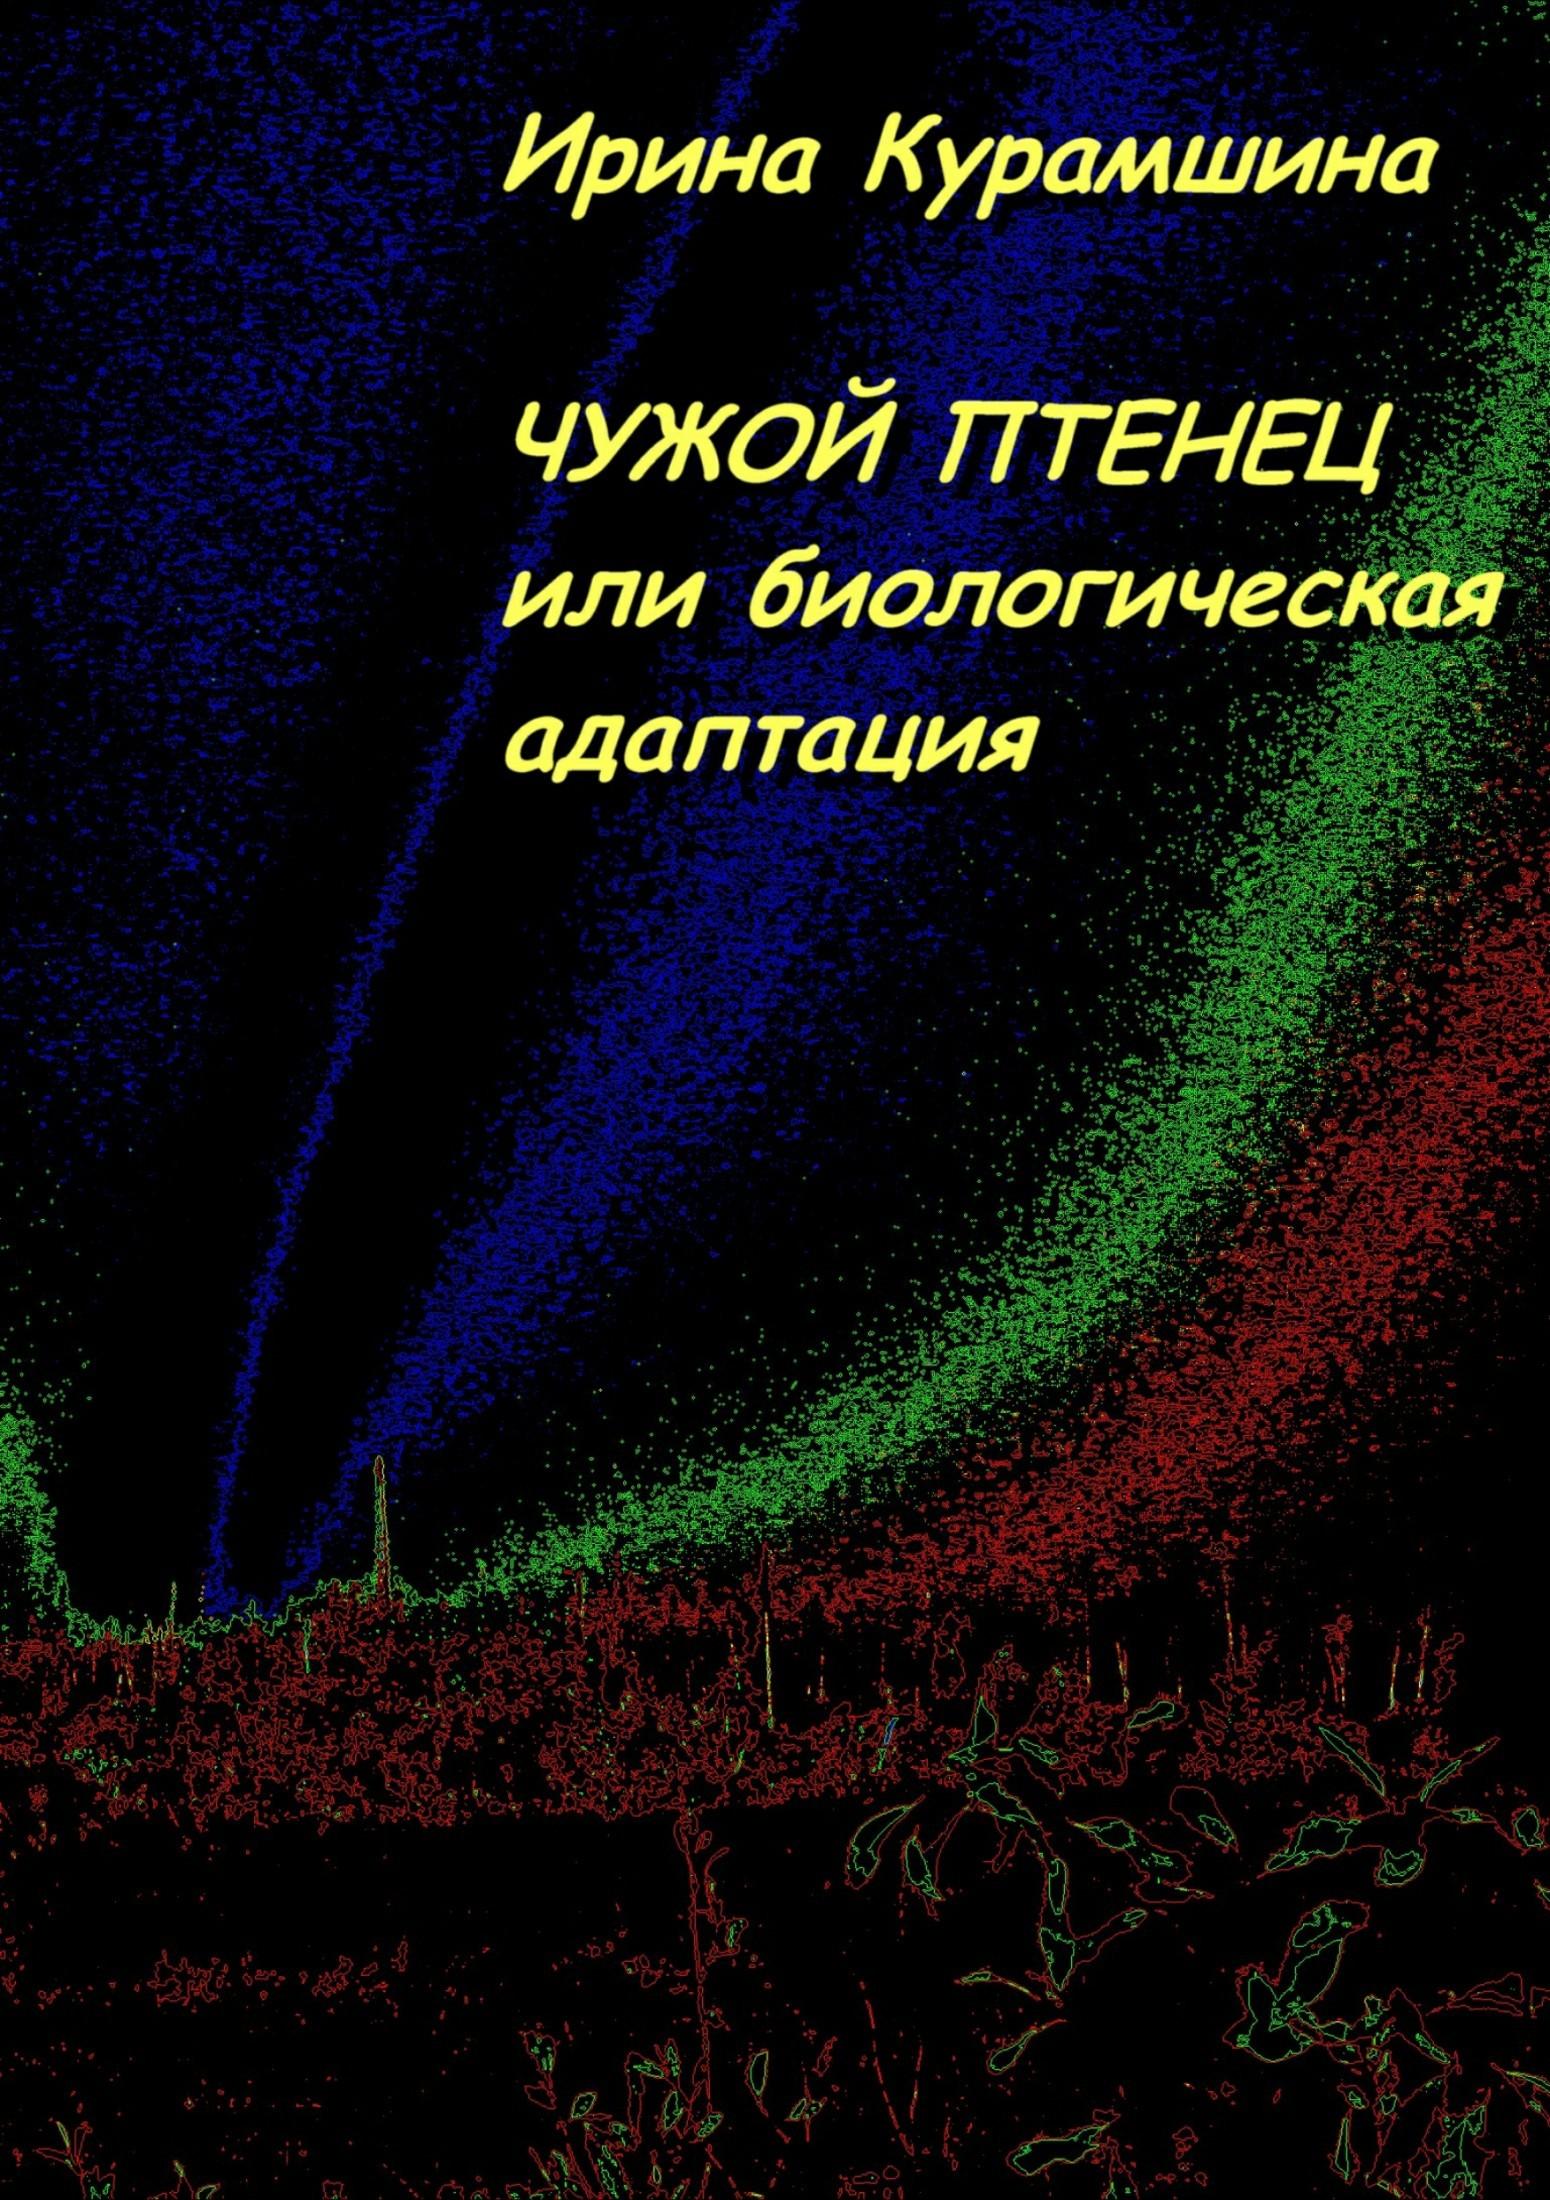 Ирина Курамшина бесплатно